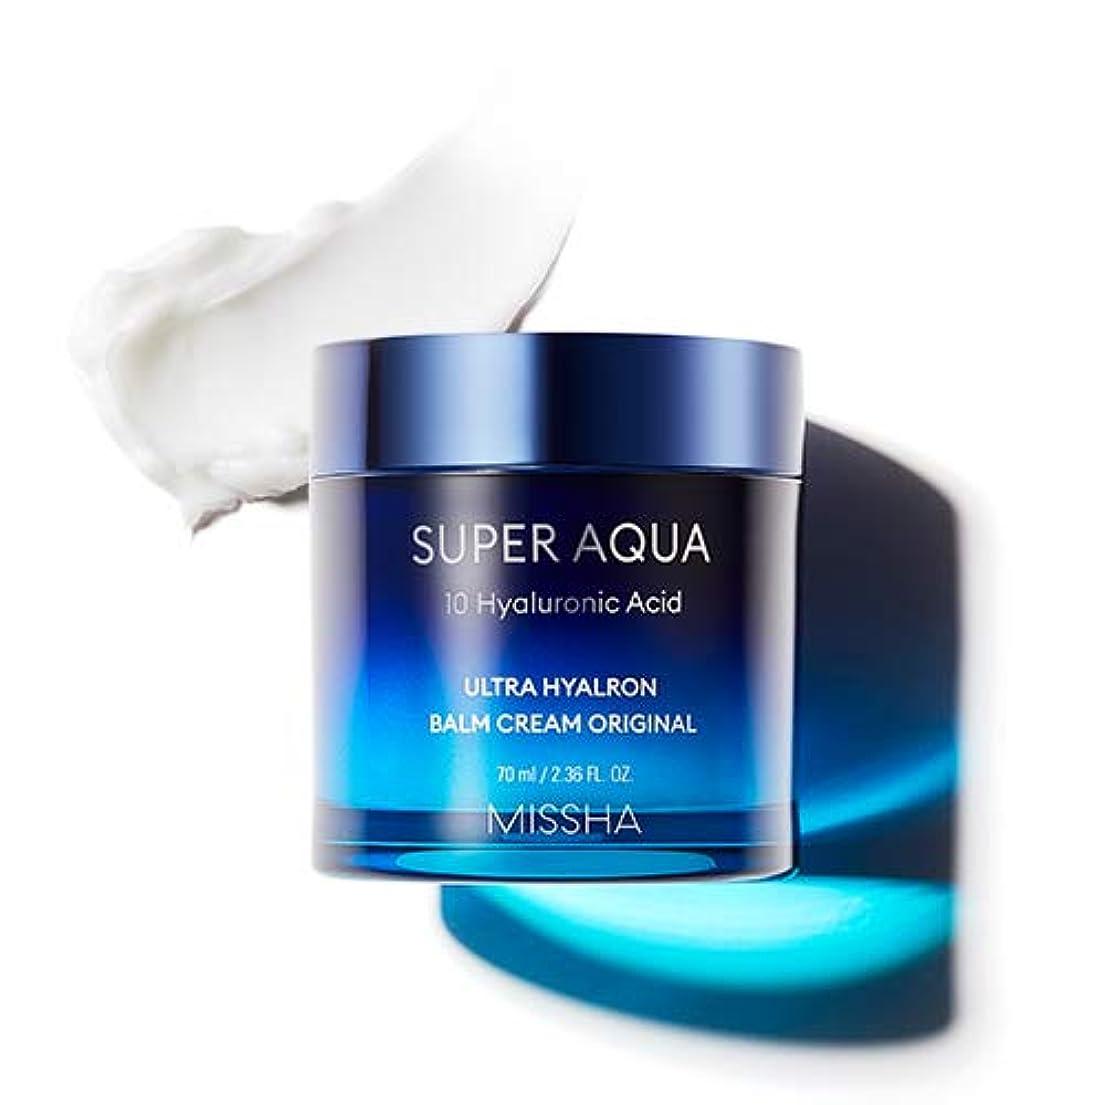 散逸散らす専制MISSHA Super Aqua Ultra Hyalron Balm Cream Original ミシャ スーパーアクア ウルトラ ヒアルロン バーム クリーム オリジナル 70ml [並行輸入品]